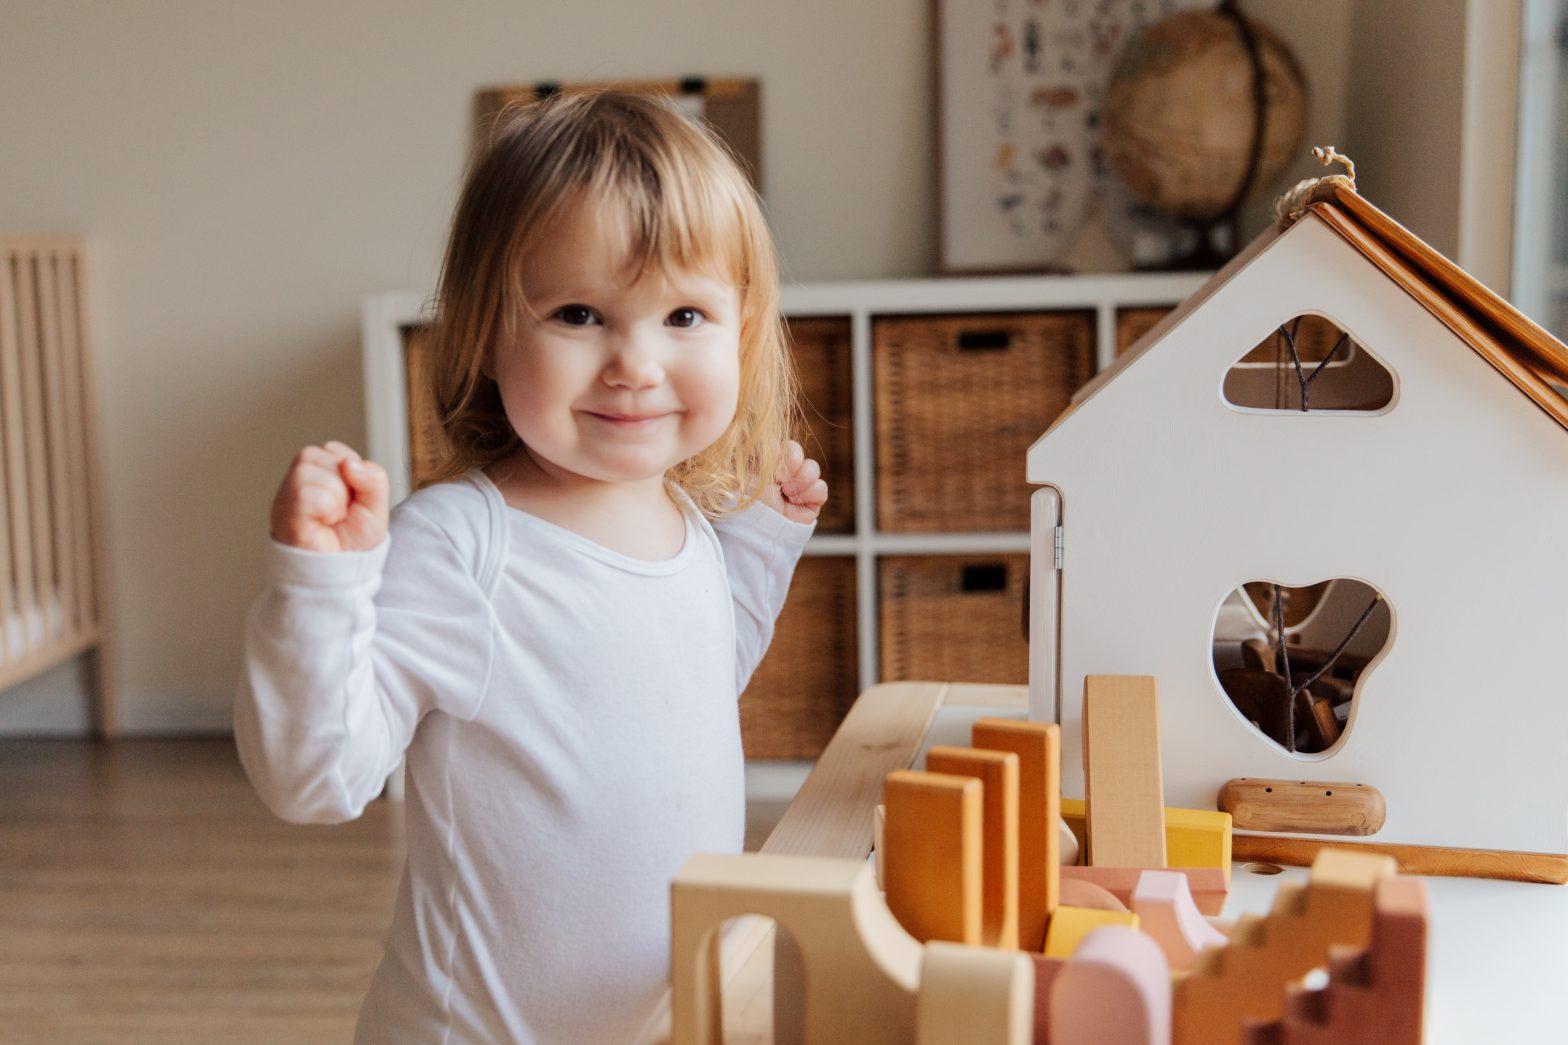 Jak podejść do kwestii umeblowania pokoju dla dziecka? Poznaj nasze propozycje